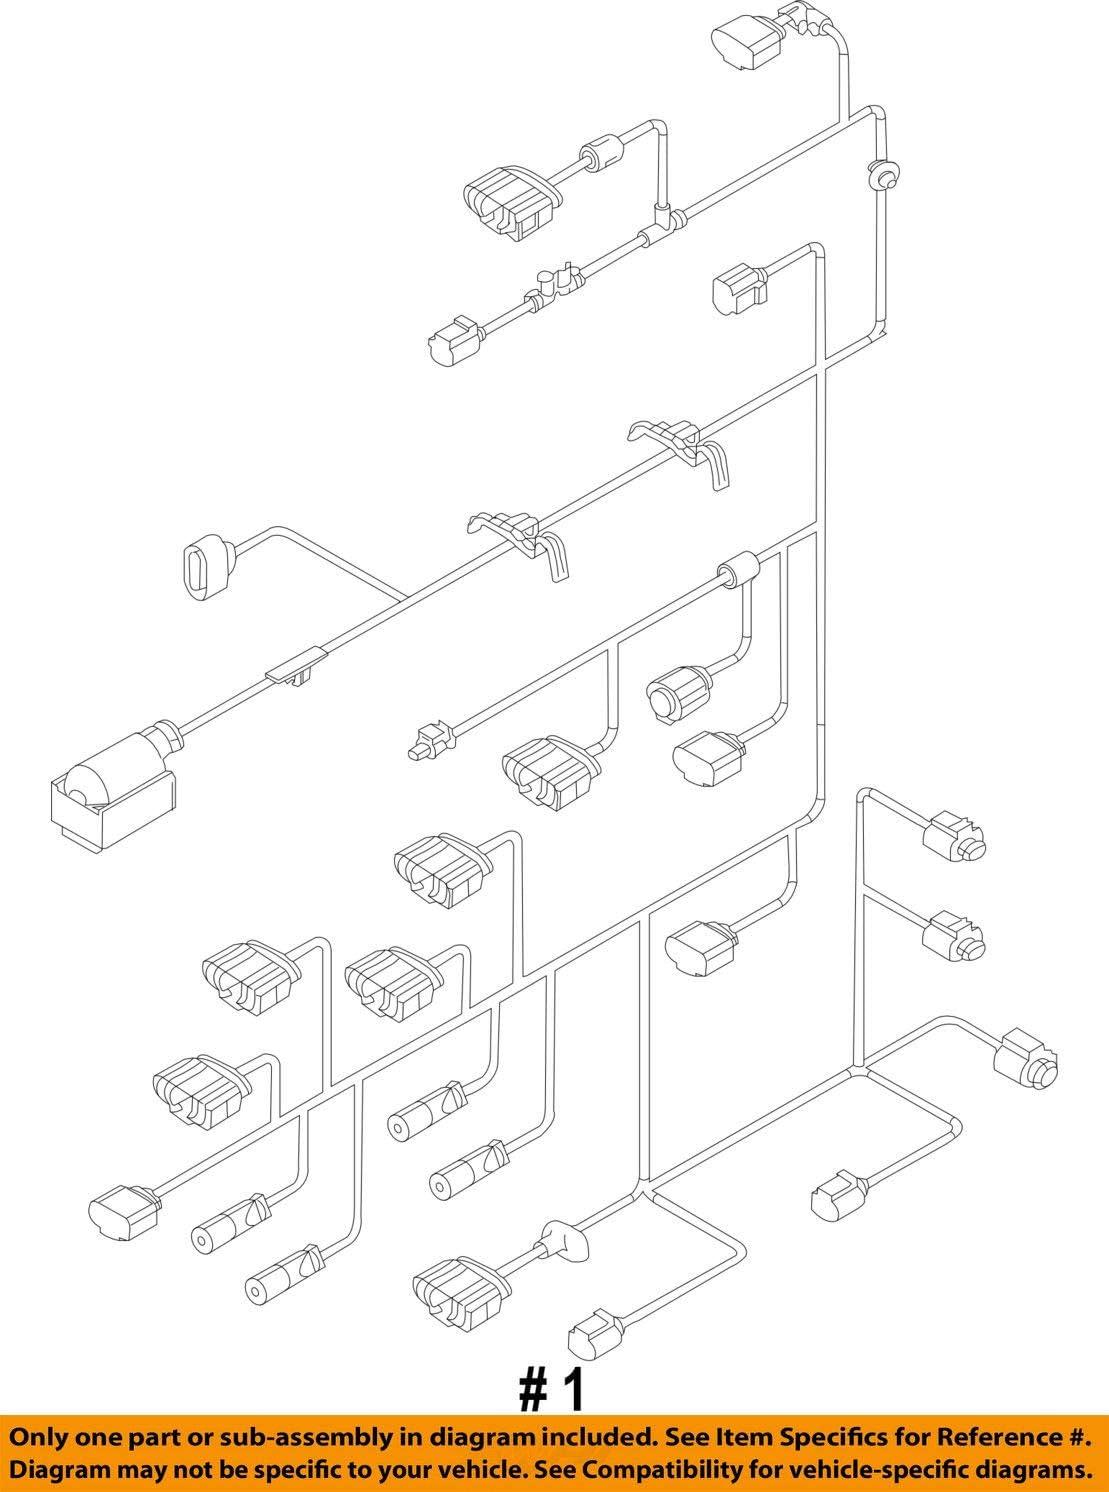 2010 volkswagen jetta engine diagram 2011 vw jetta engine diagram wiring diagrams database  2011 vw jetta engine diagram wiring